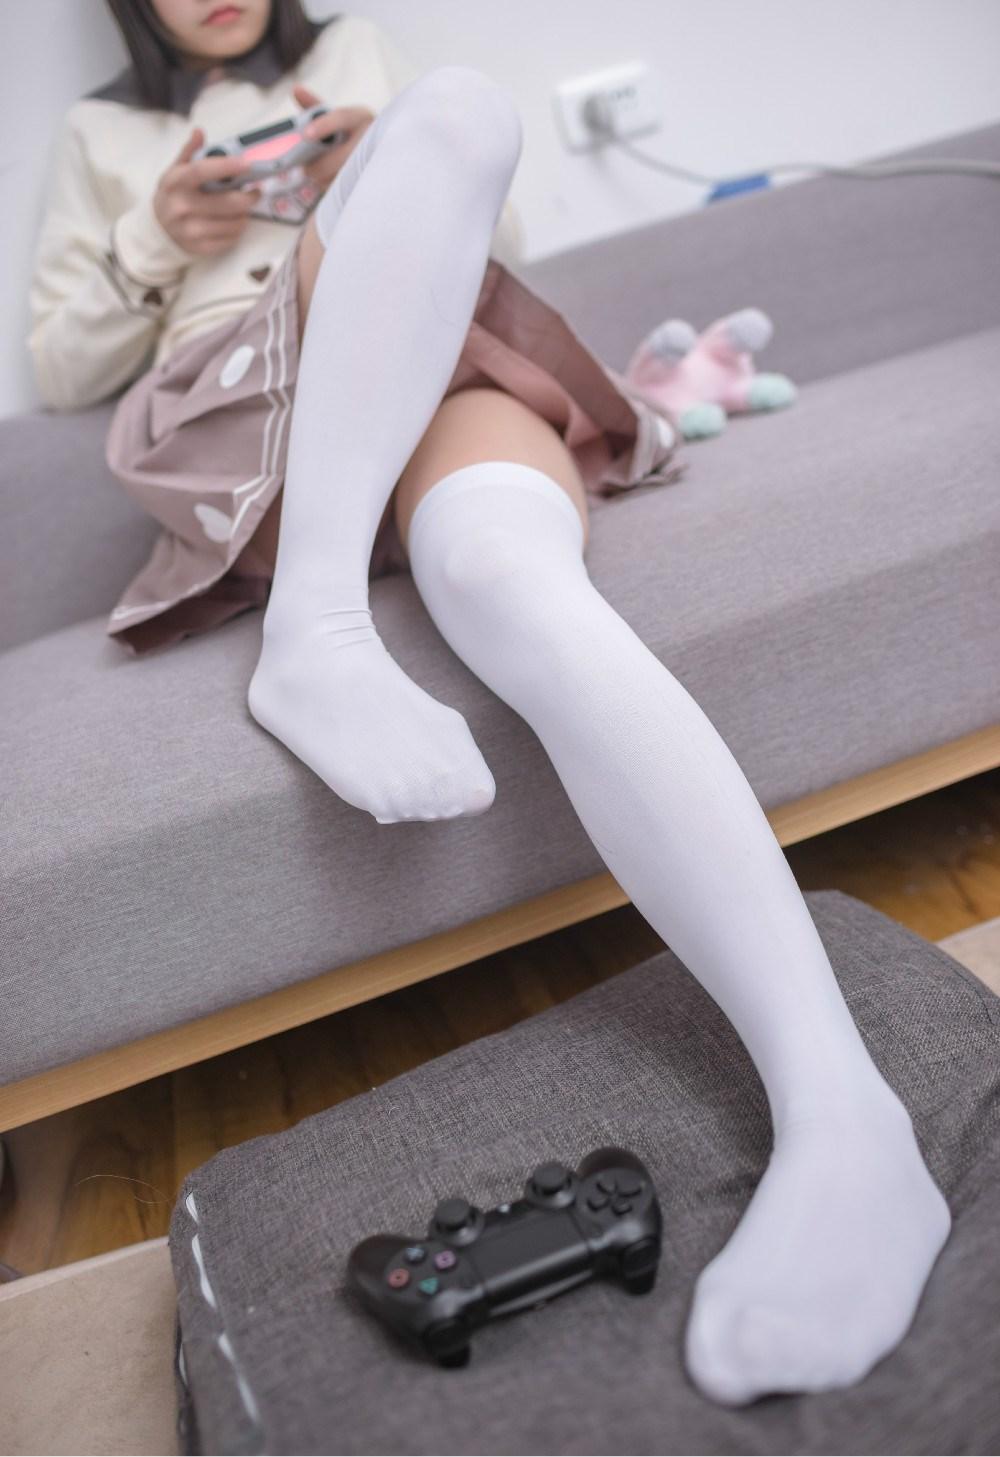 【兔玩映画】爱游戏的小宅女 兔玩映画 第1张